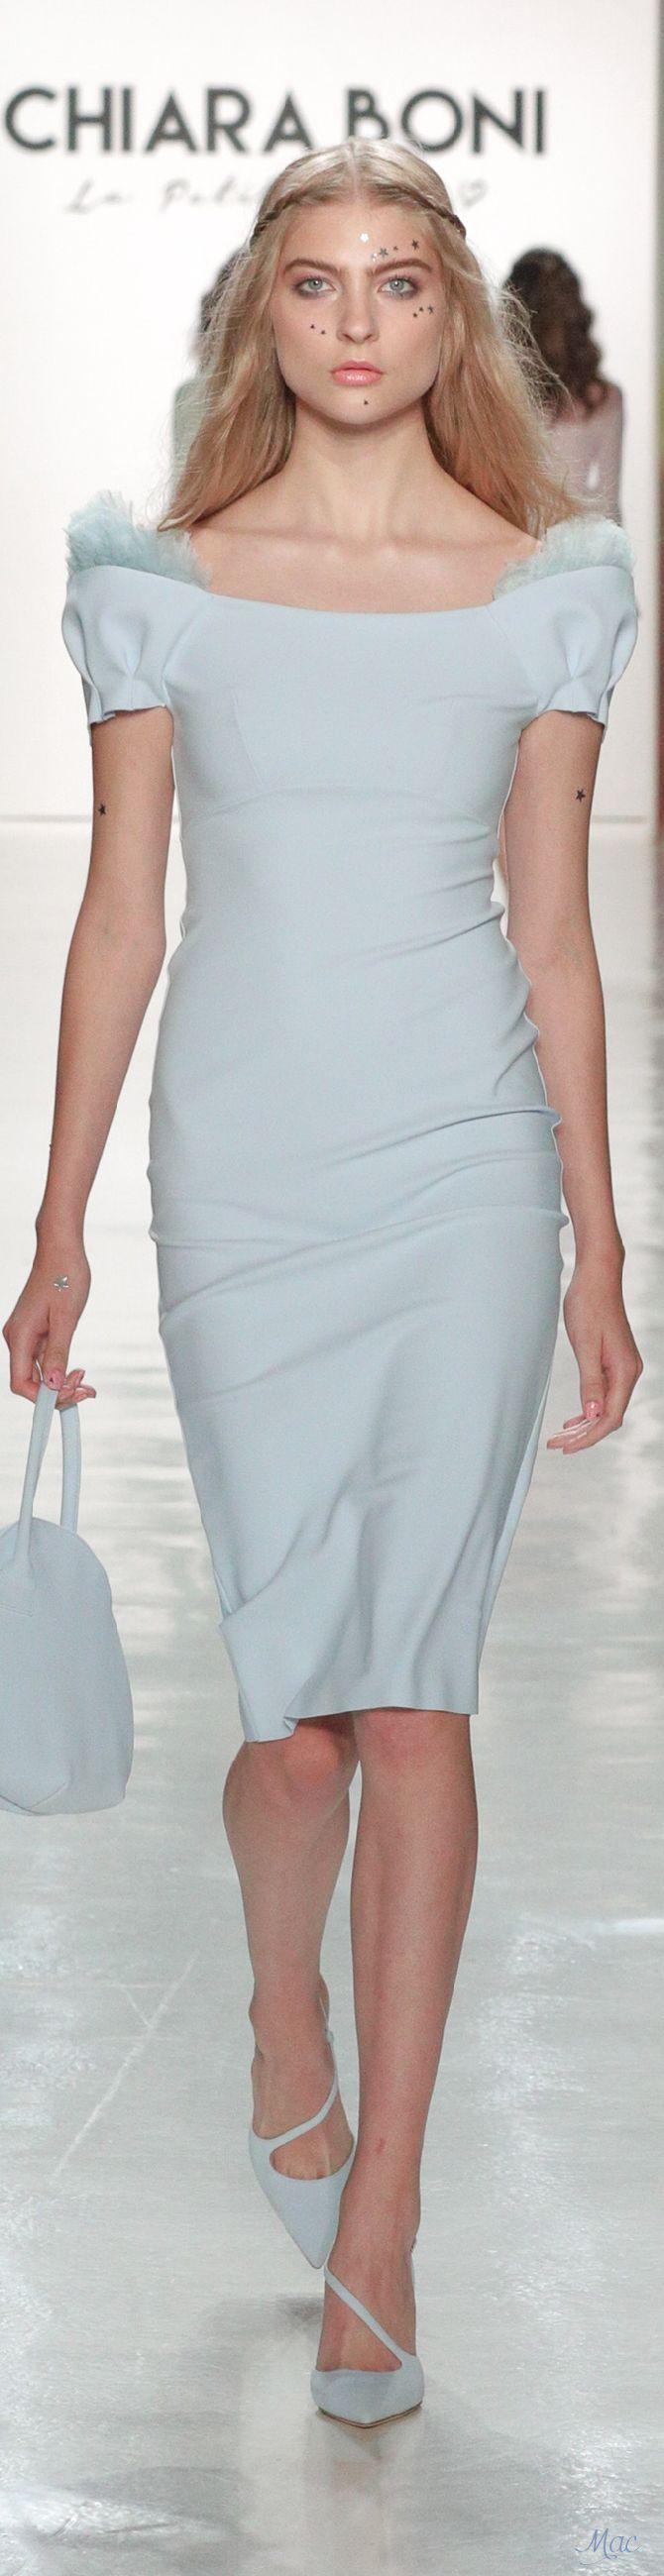 1425 best Women\'s Clothes images on Pinterest | Cute dresses ...